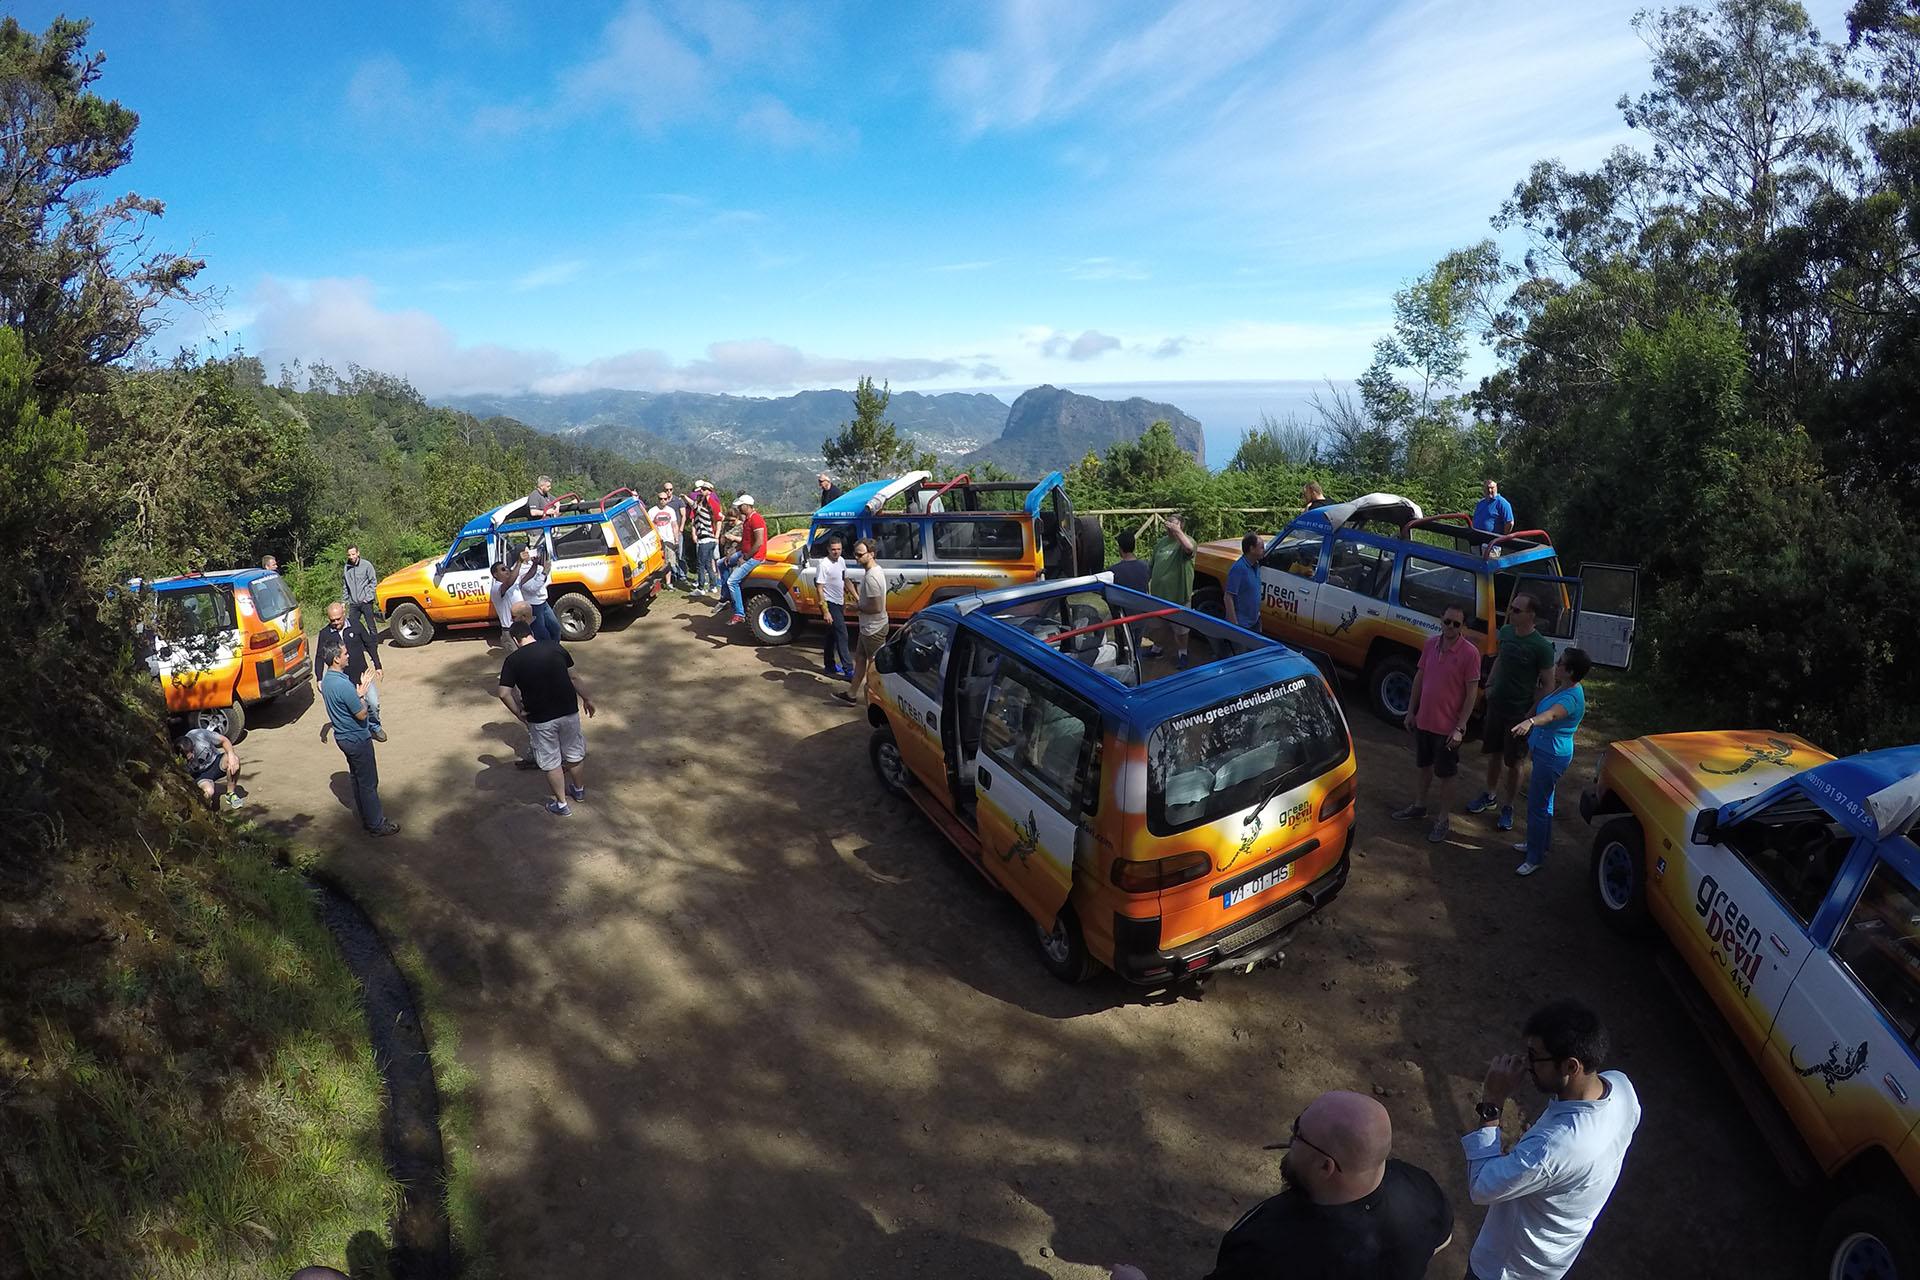 4x4 Jeep Safari East - Madeira Peaks 15